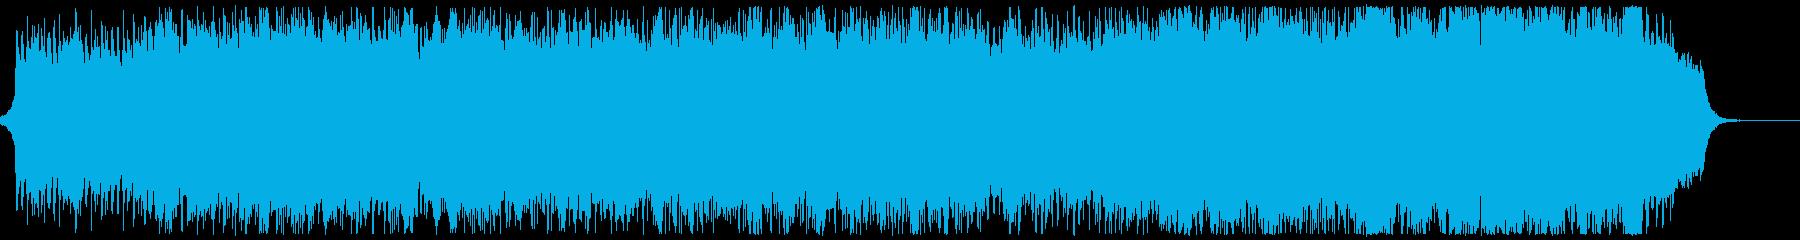 のどかで雄大なチェロのオリジナル曲の再生済みの波形